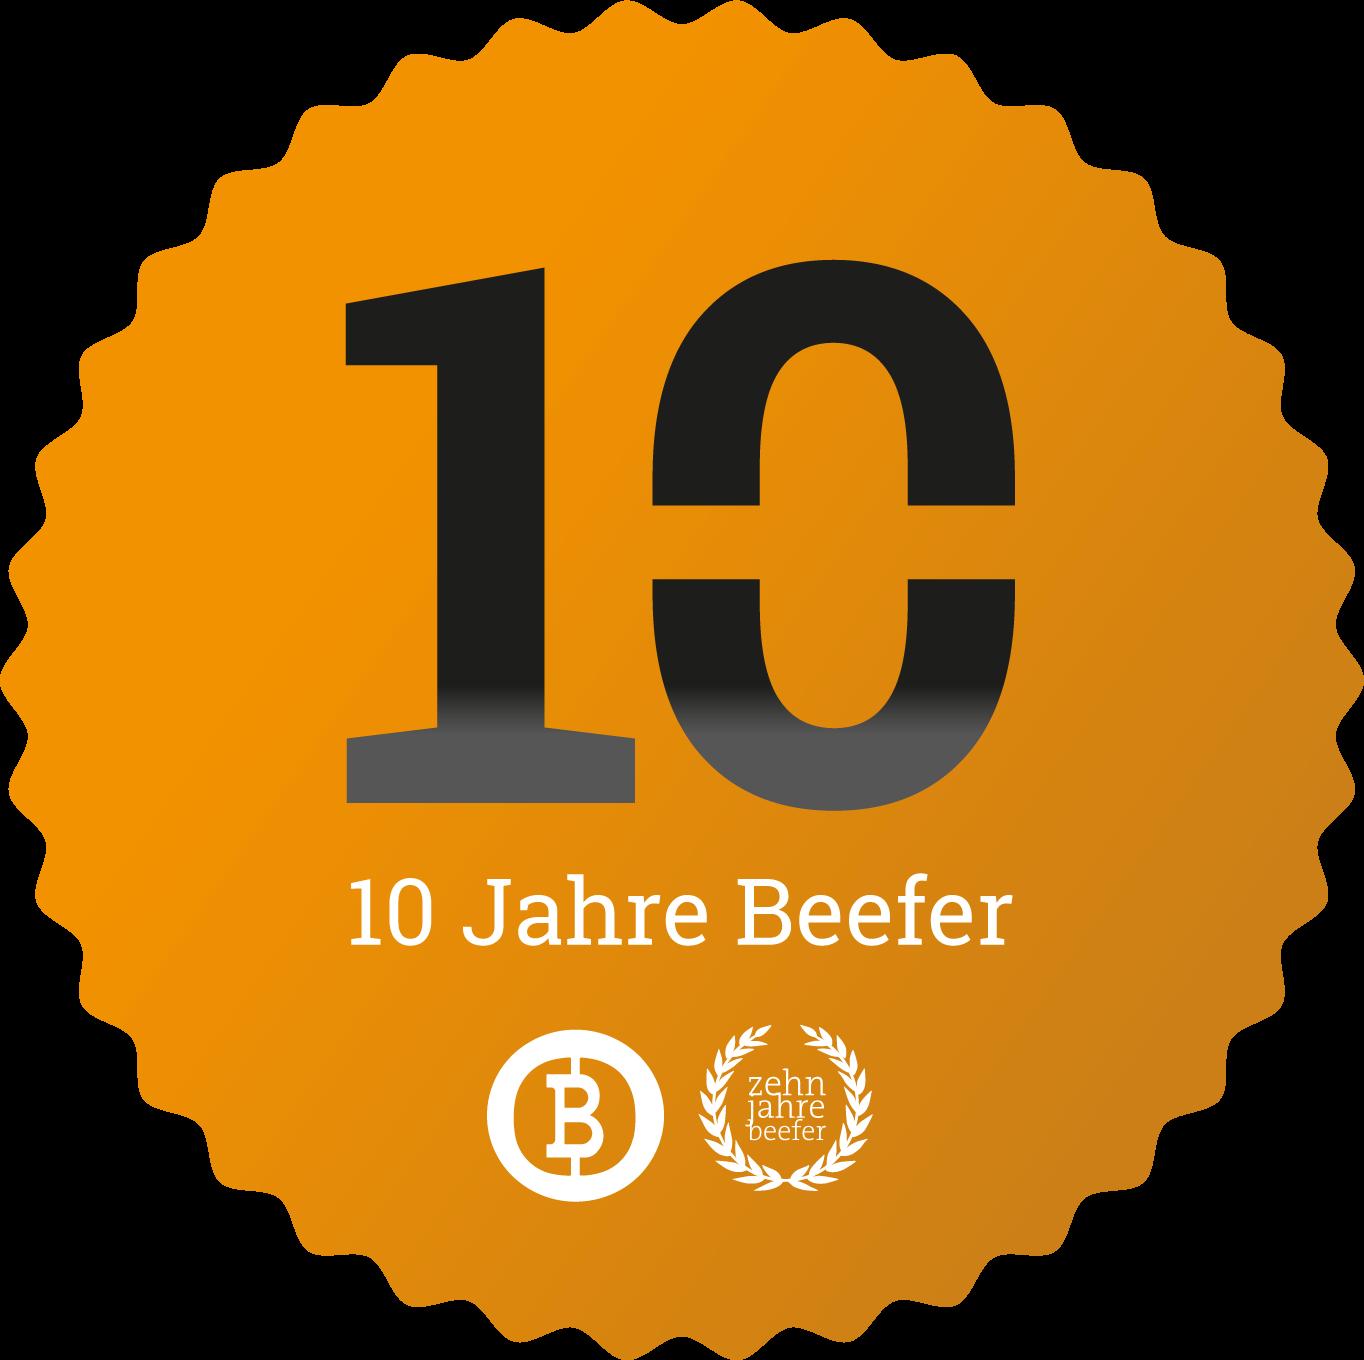 10 Jahre Beefer